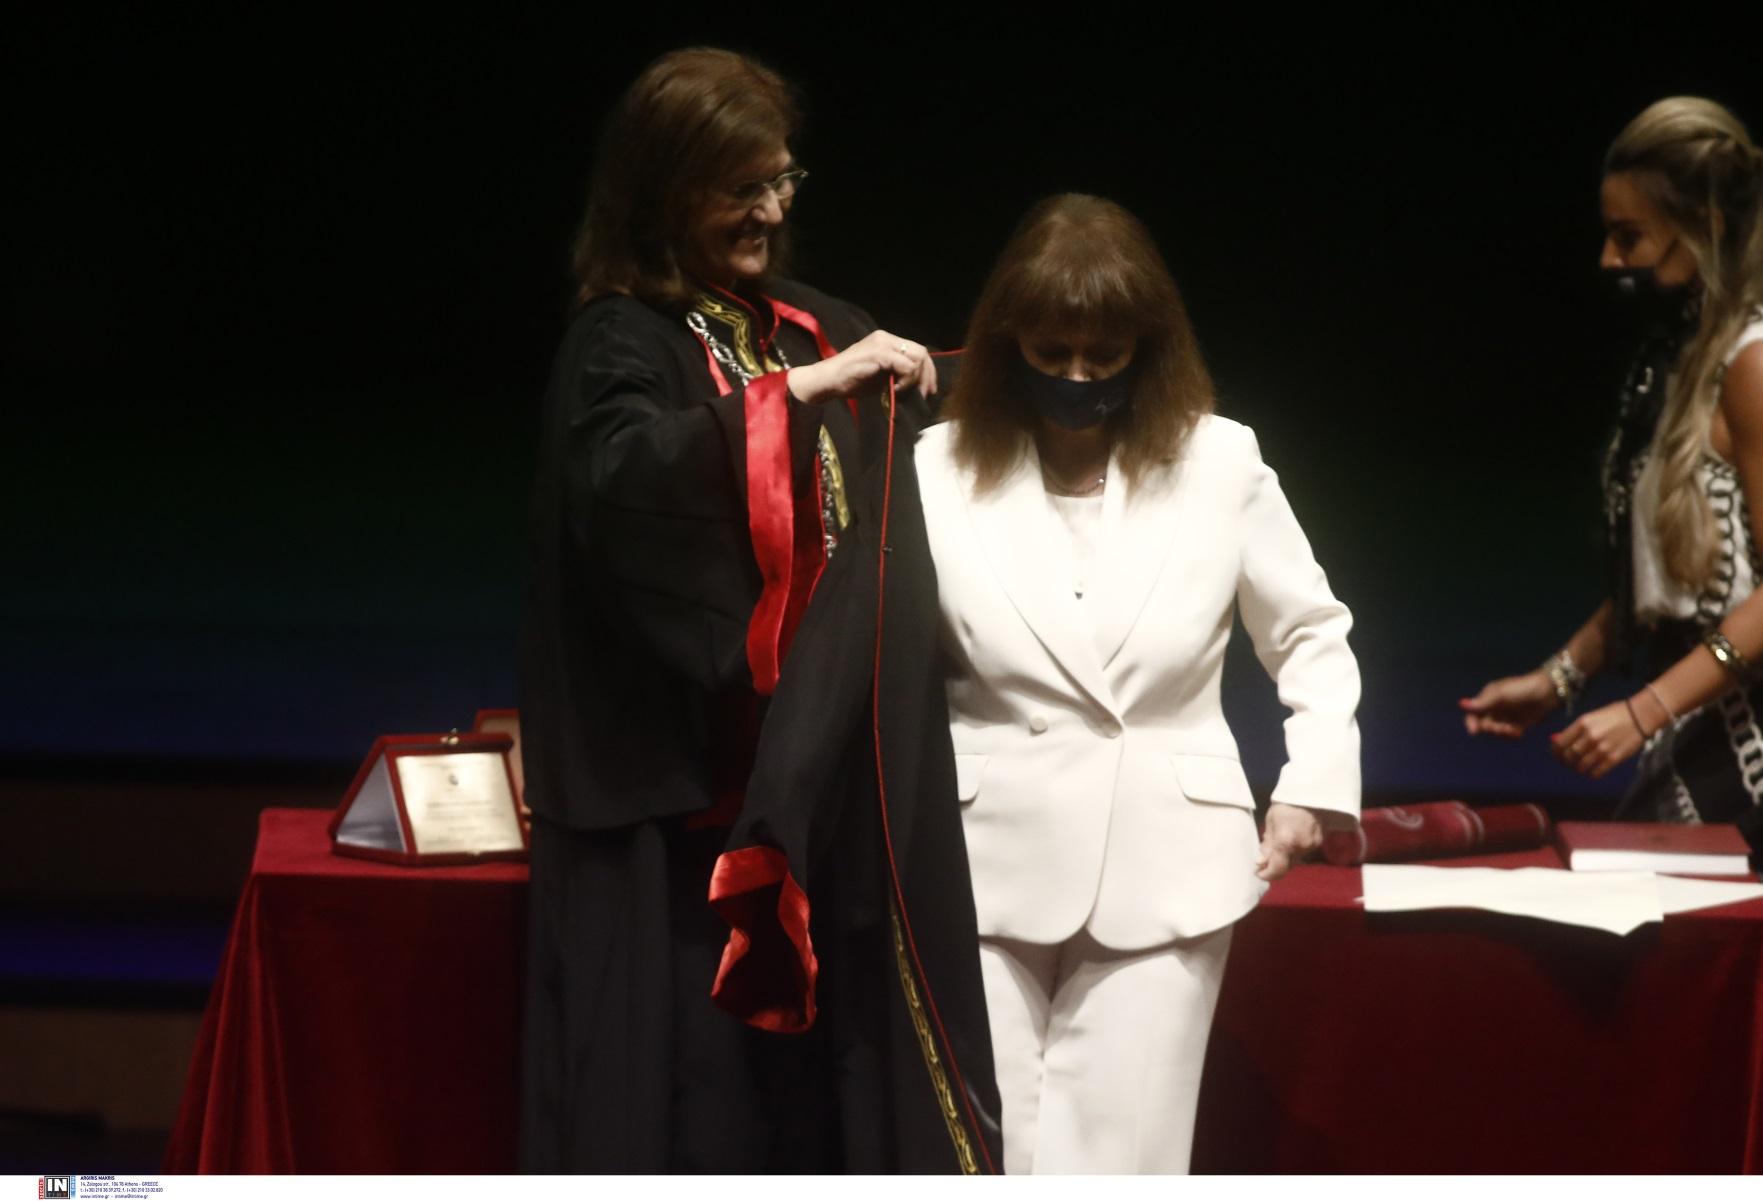 Σακελλαροπούλου – ΑΠΘ: Αναγορεύθηκε επίτιμη διδάκτορας της Νομικής (pics)